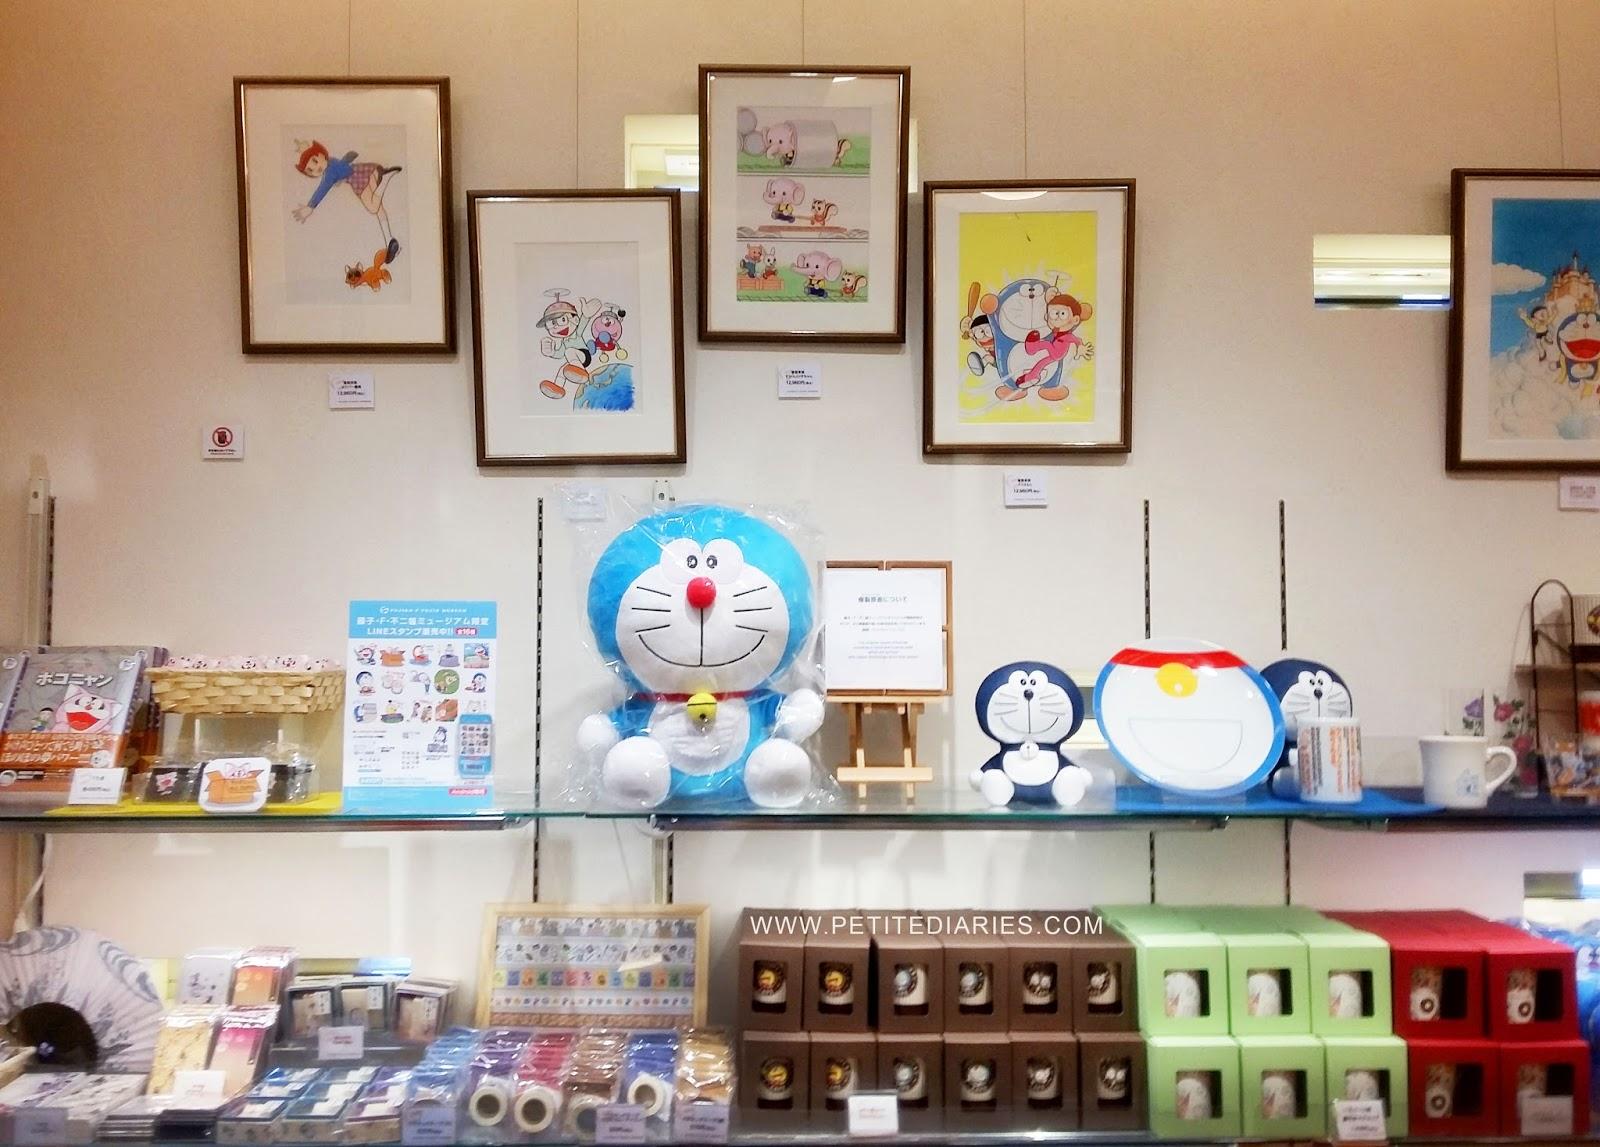 藤子・F・不二雄ミュージアム fujiko f. fujio museum